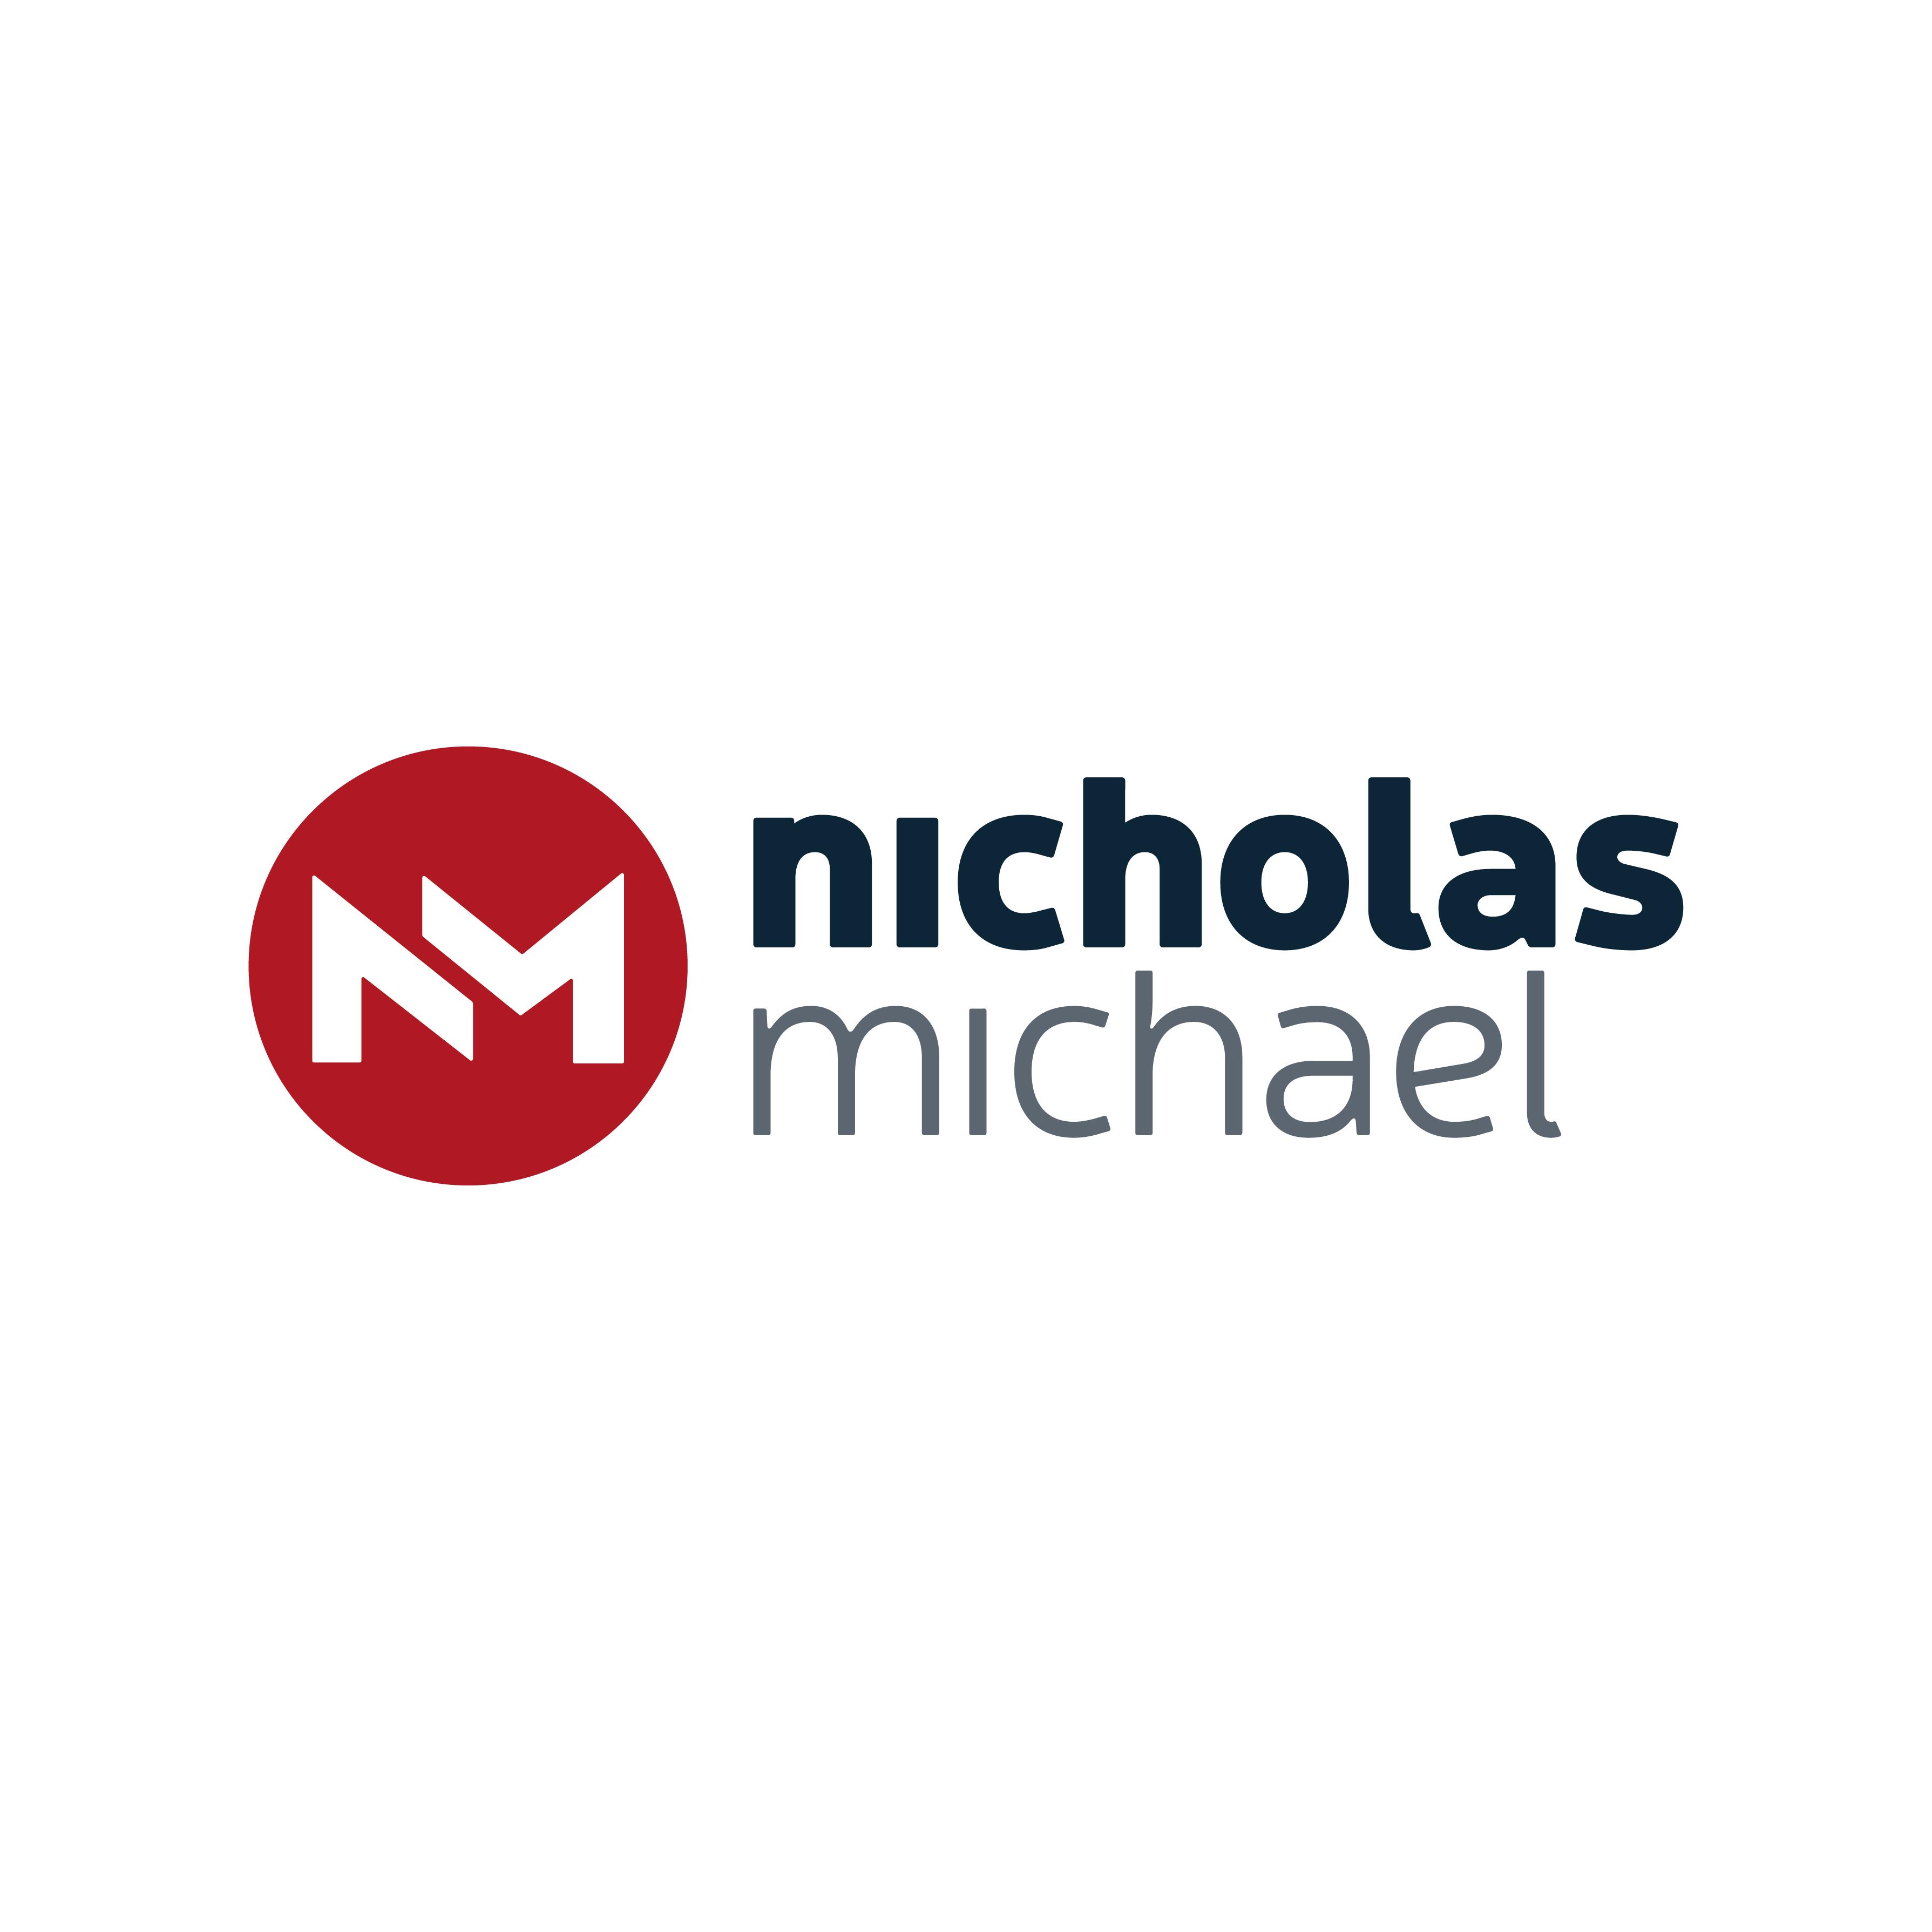 Nicholas Michael